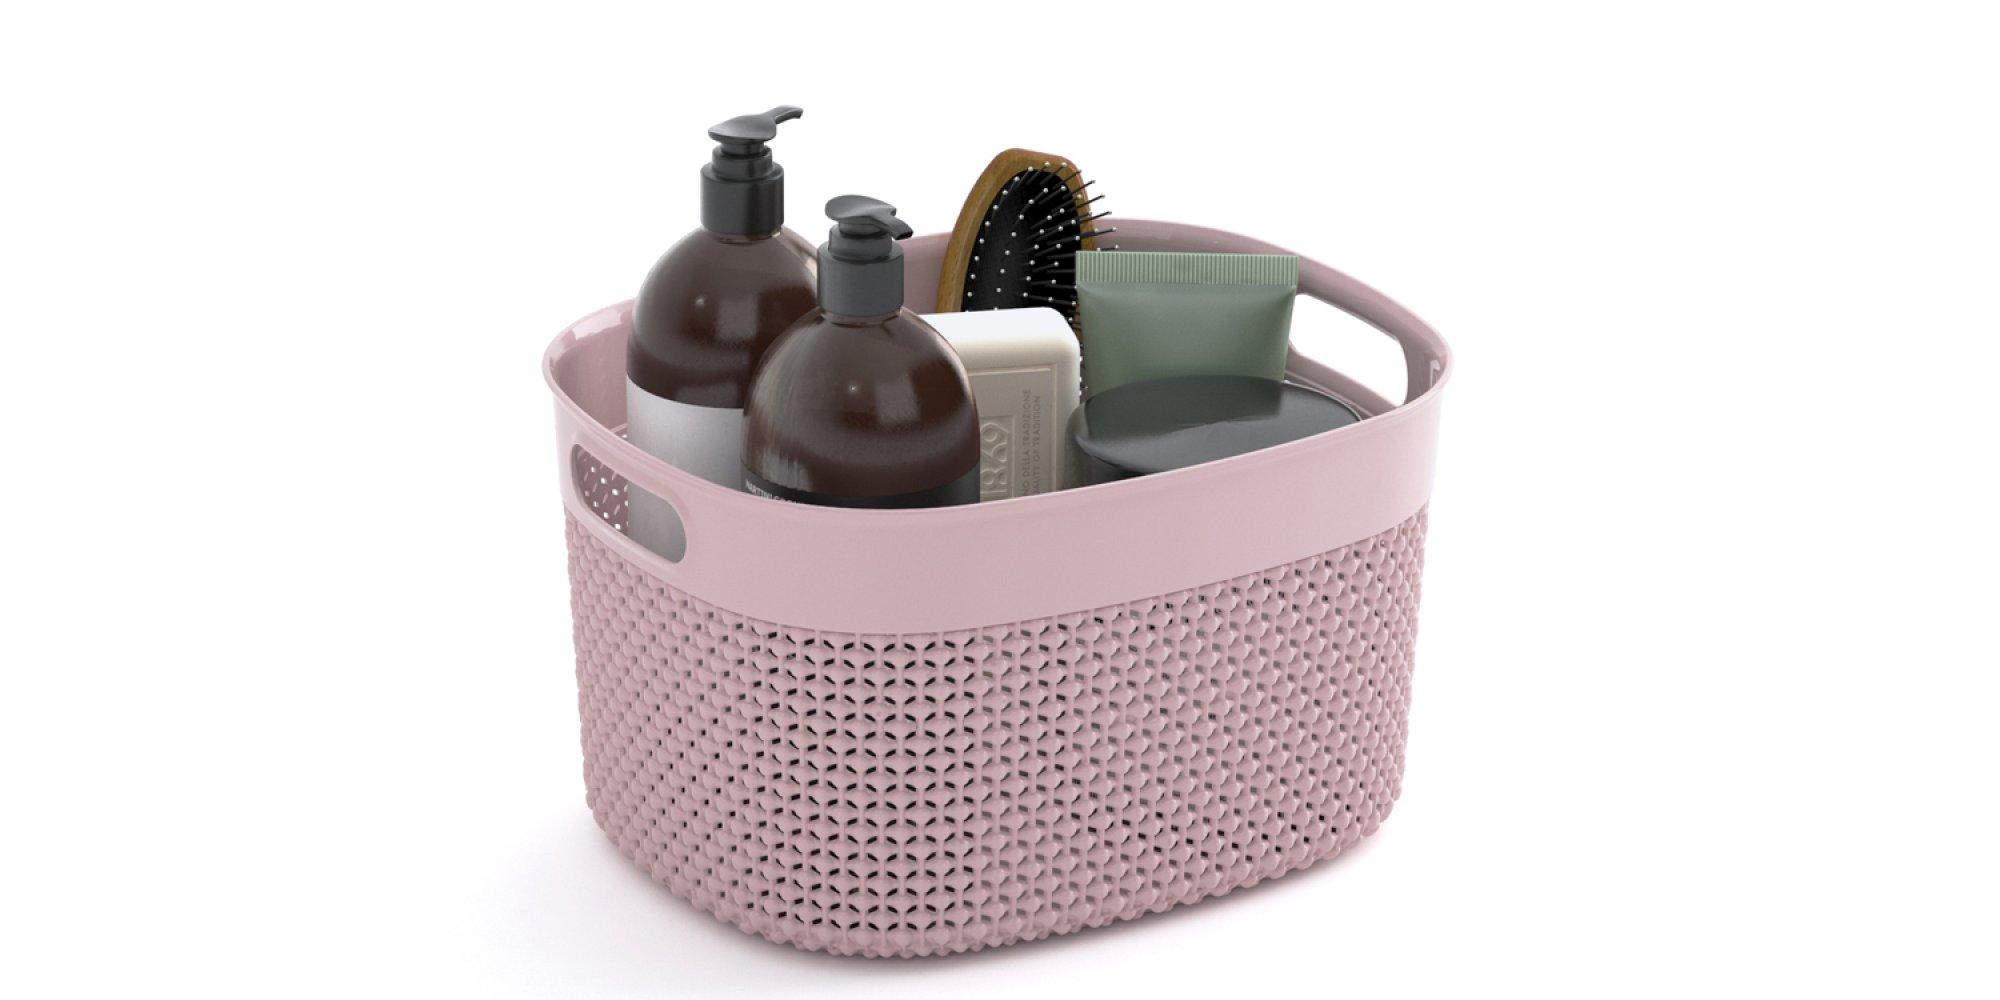 Kis 3 soluzioni per organizzare i vostri cosmetici | gallery 0